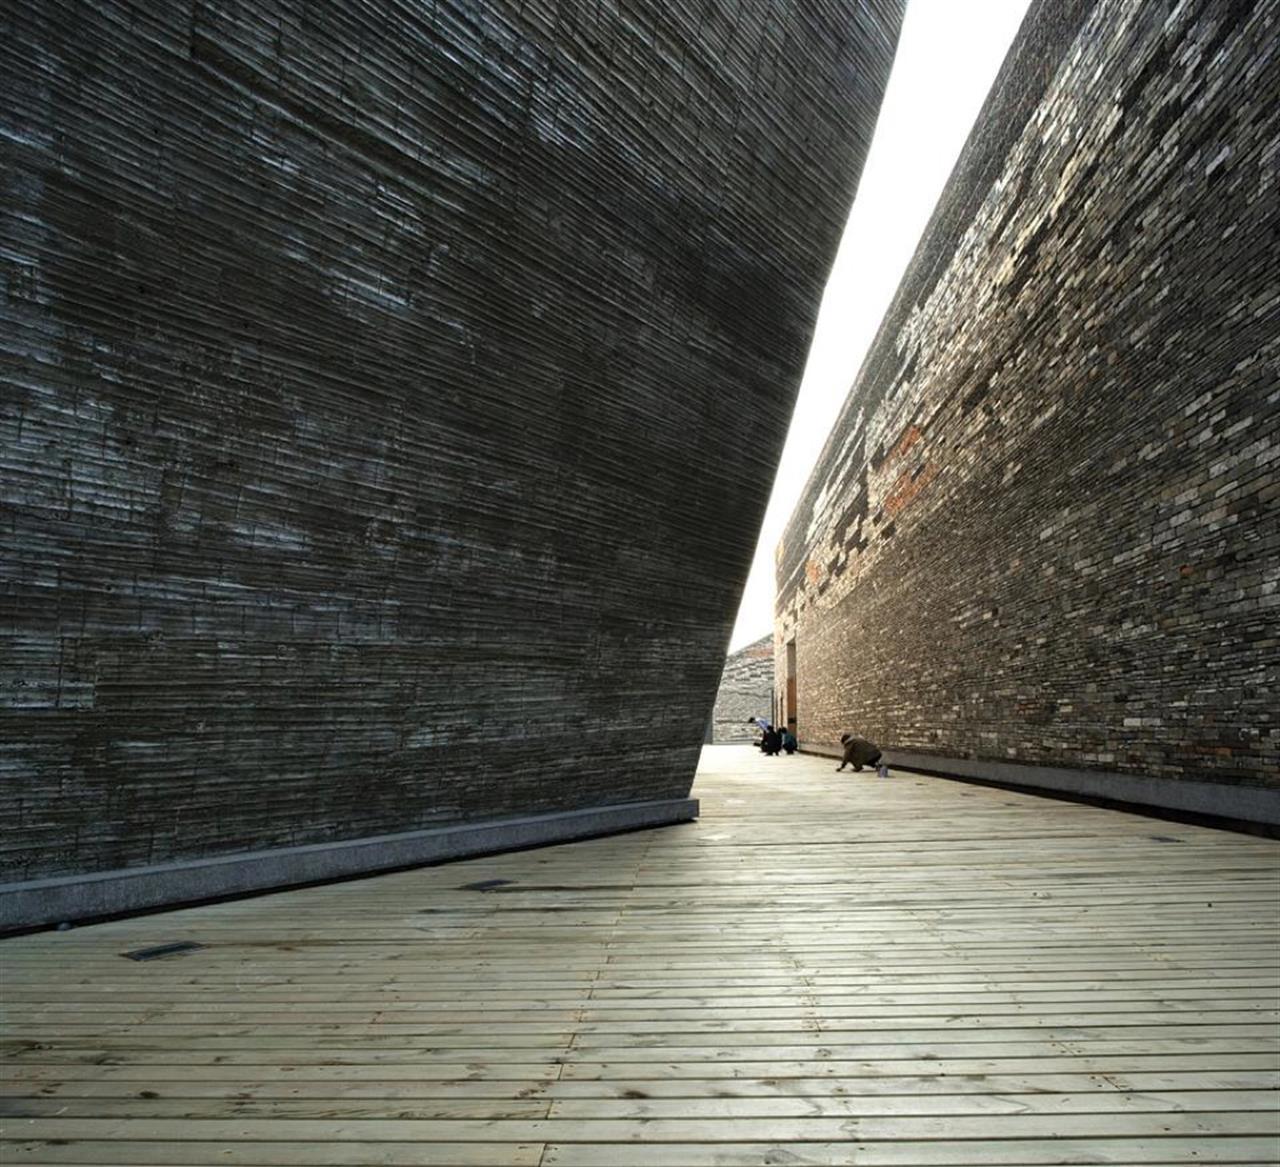 Lavorare In Australia Come Architetto wang shu, il nobel dell'architettura nel secolo cinese